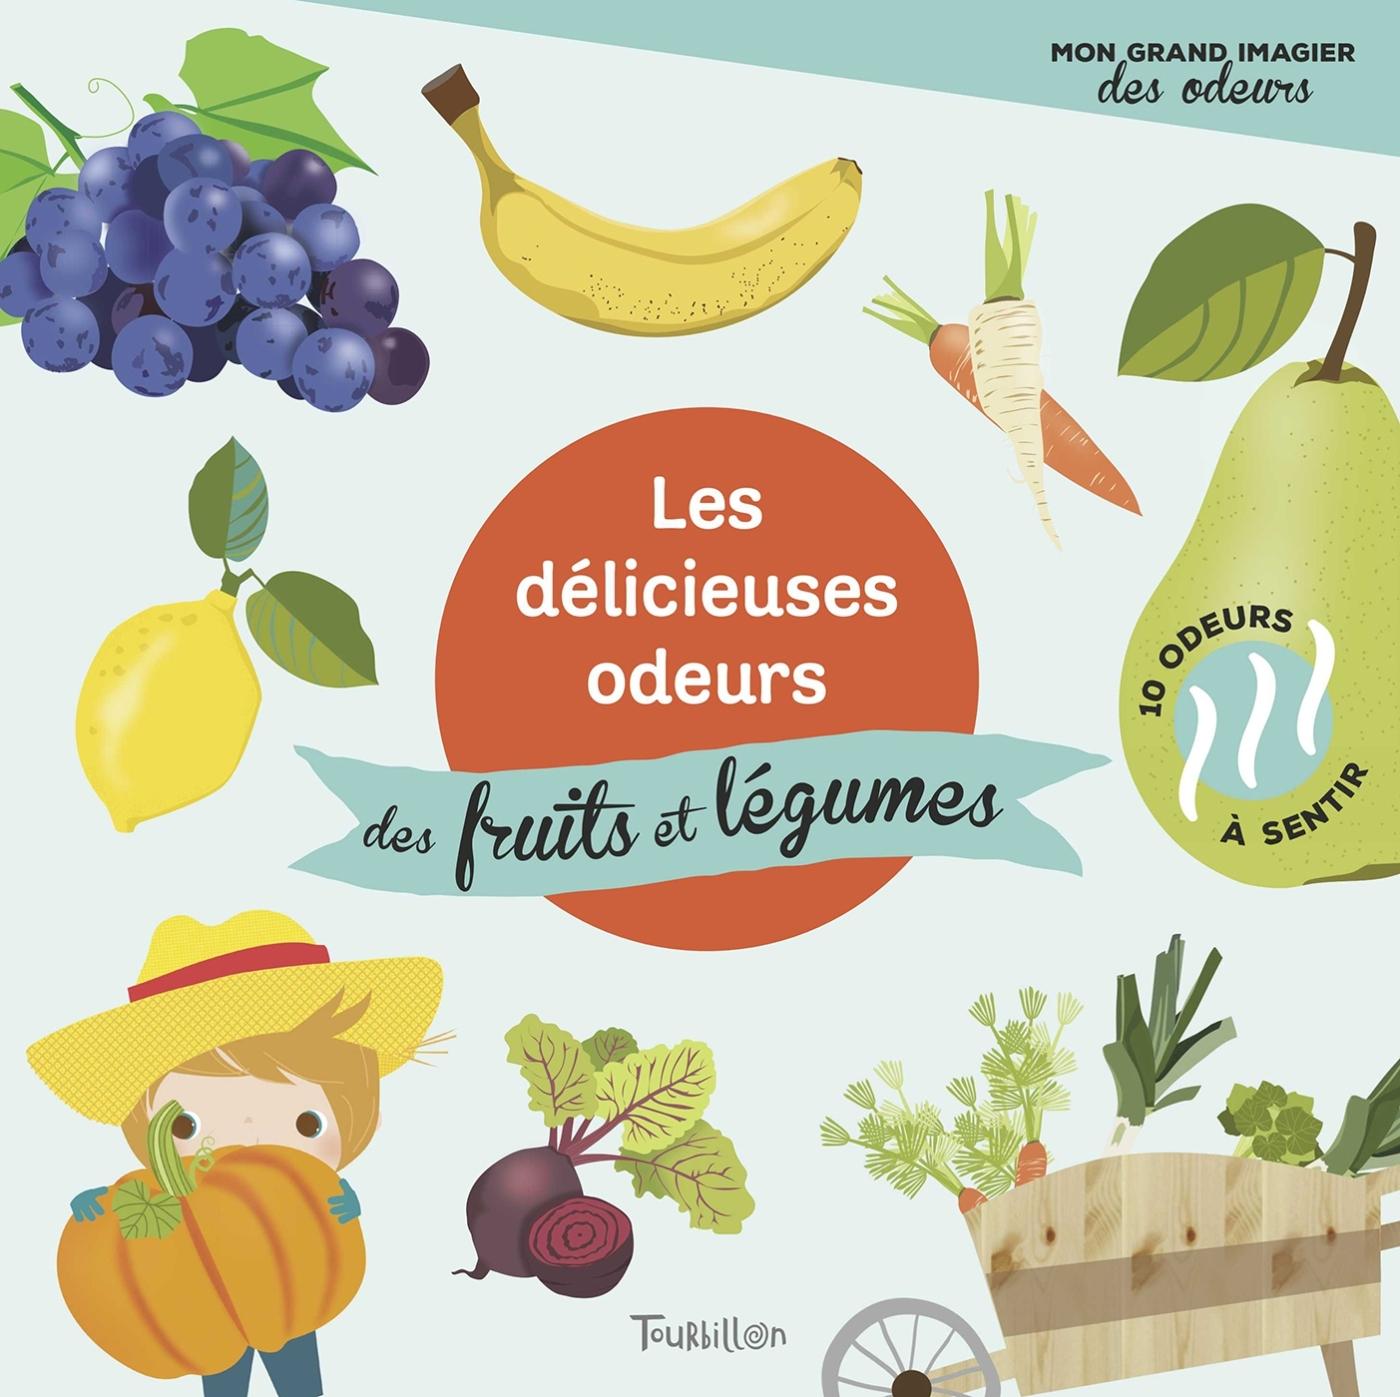 LES DELICIEUSES ODEURS DES FRUITS ET LEGUMES